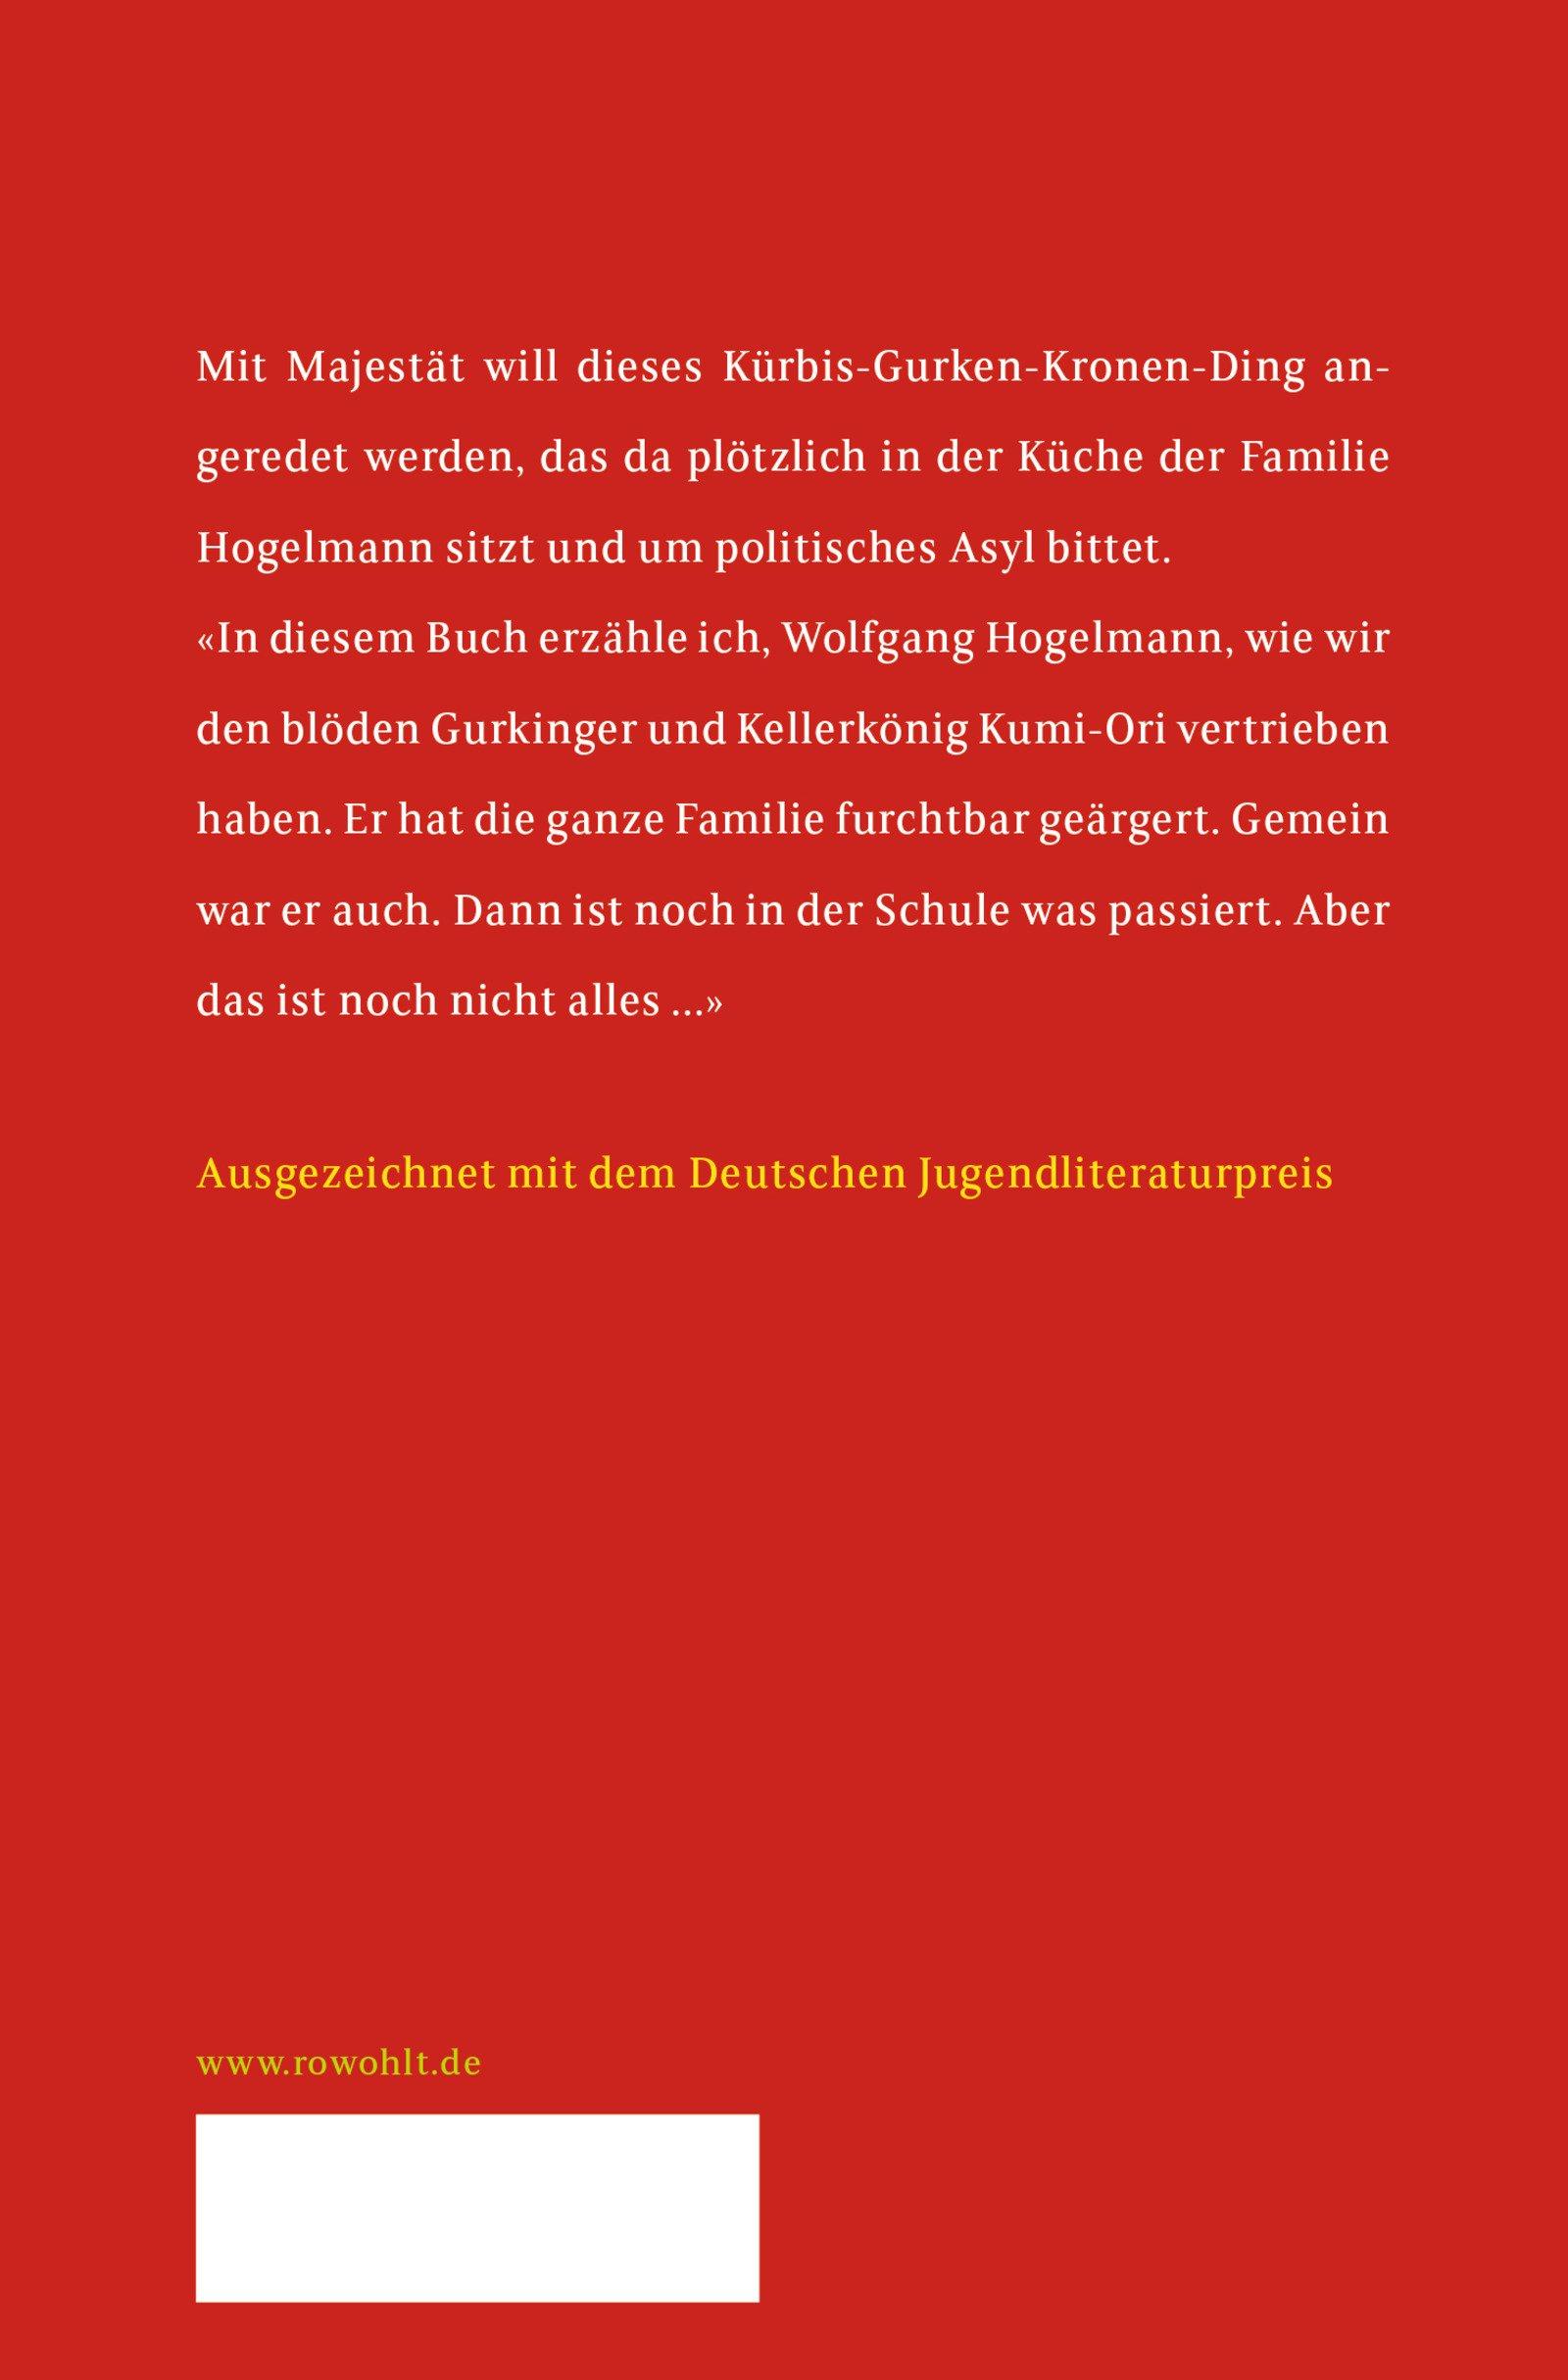 Wir pfeifen auf den Gurkenkönig von Christine Nöstlinger. Eine Buchanalyse (German Edition)